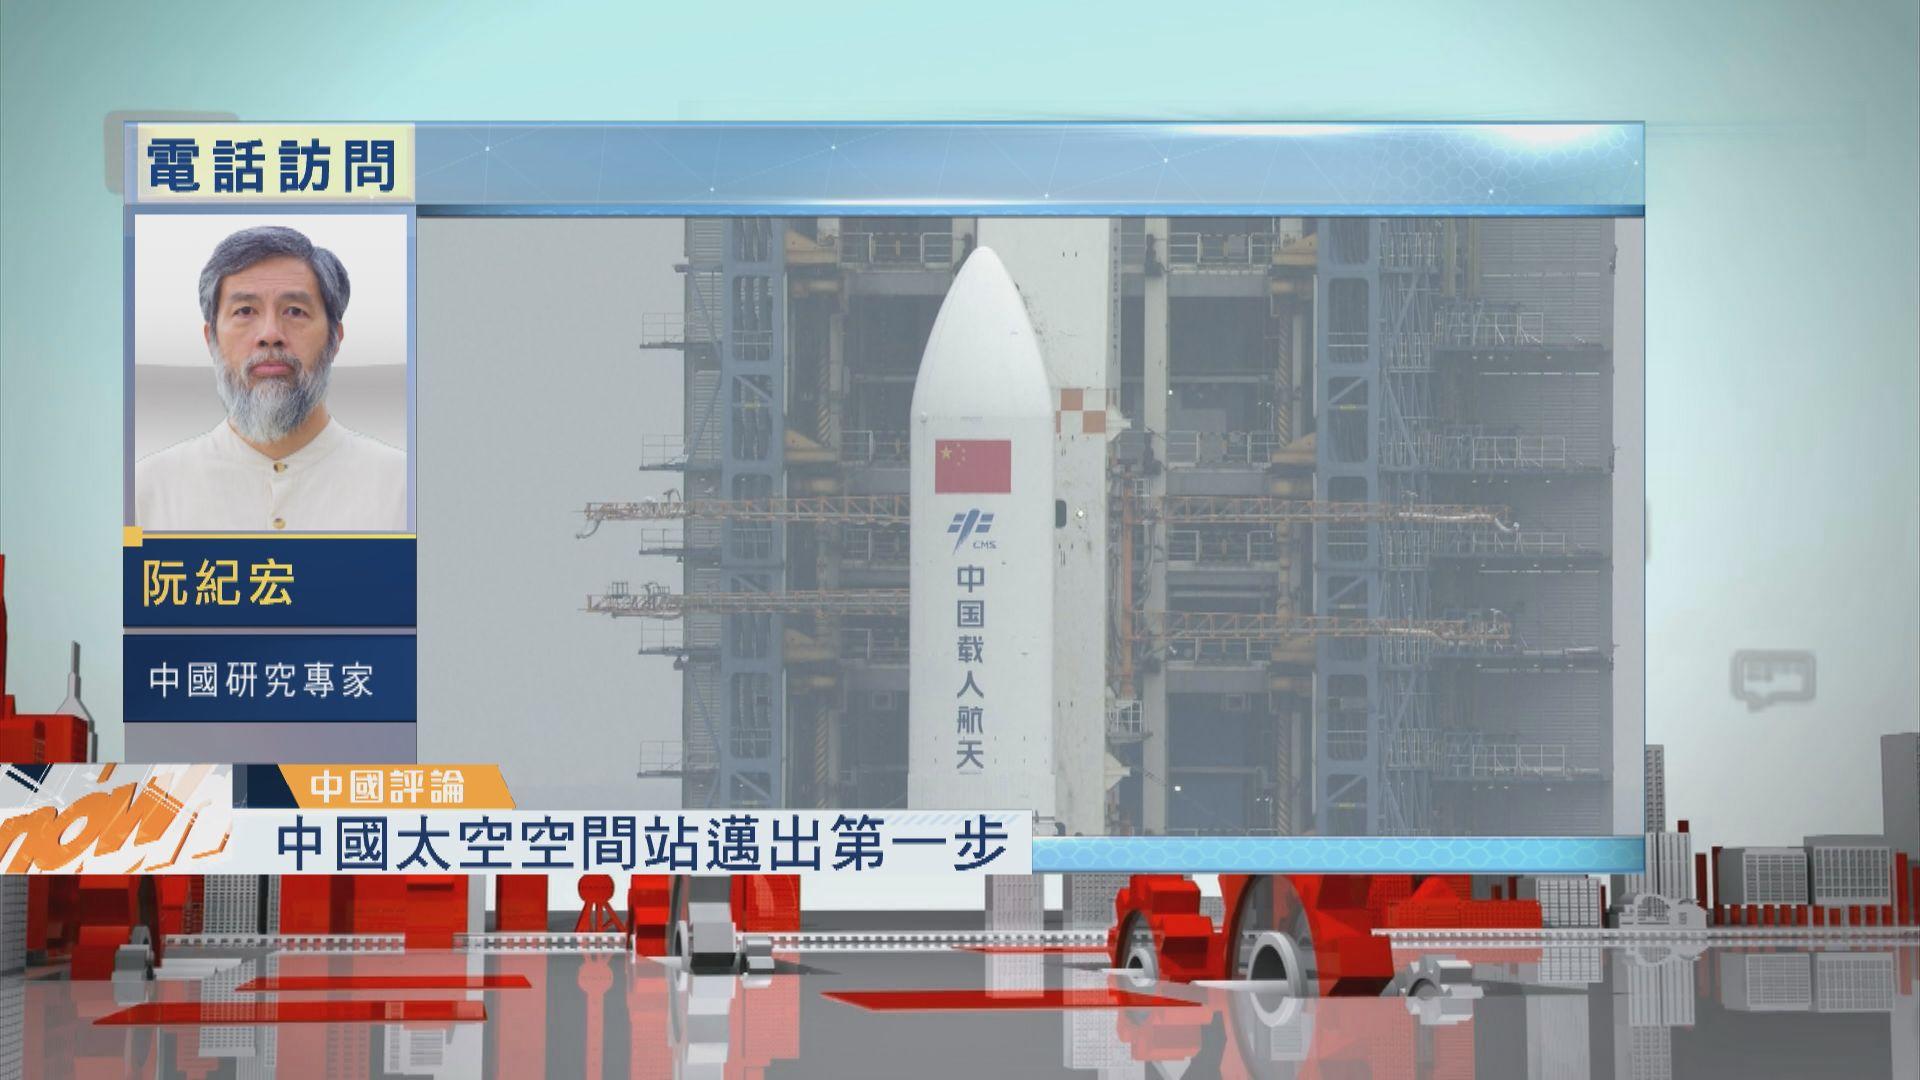 【中國評論】中國太空空間站/快遞業務增長勁但虧本